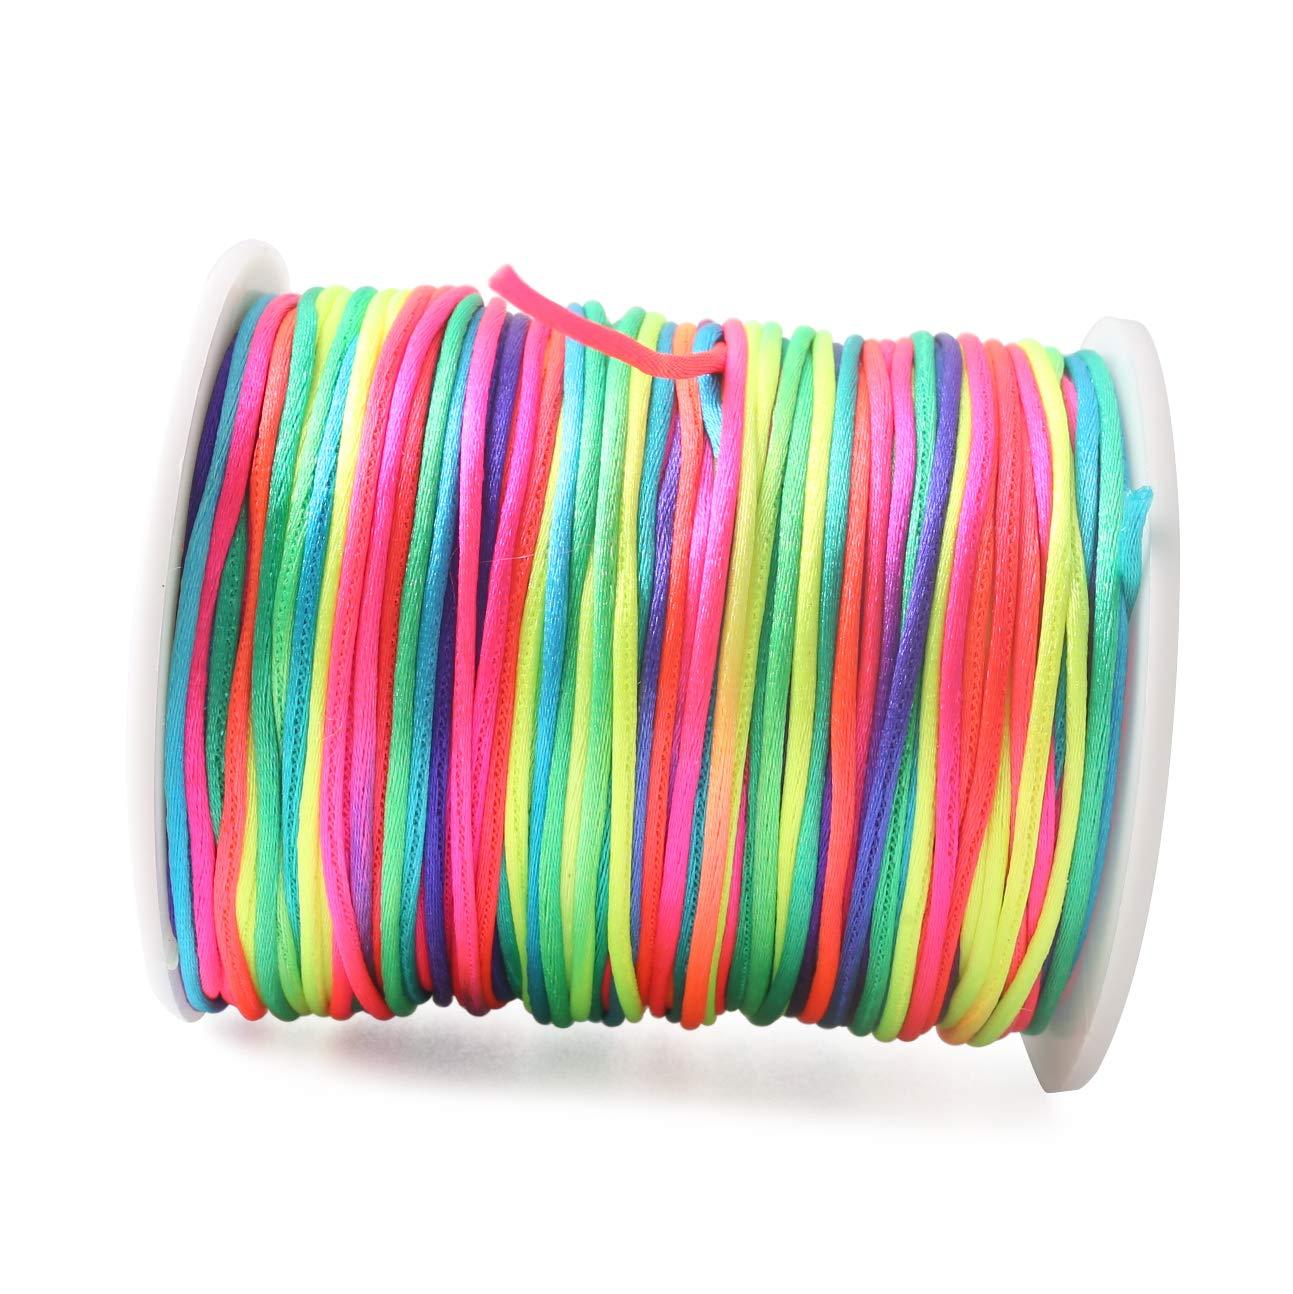 baby tete Corde Nylon Satin//Rattail en Soie pour Bracelet Tress/é Accessoire de Fabrication de Bijoux Perles 75m Balck